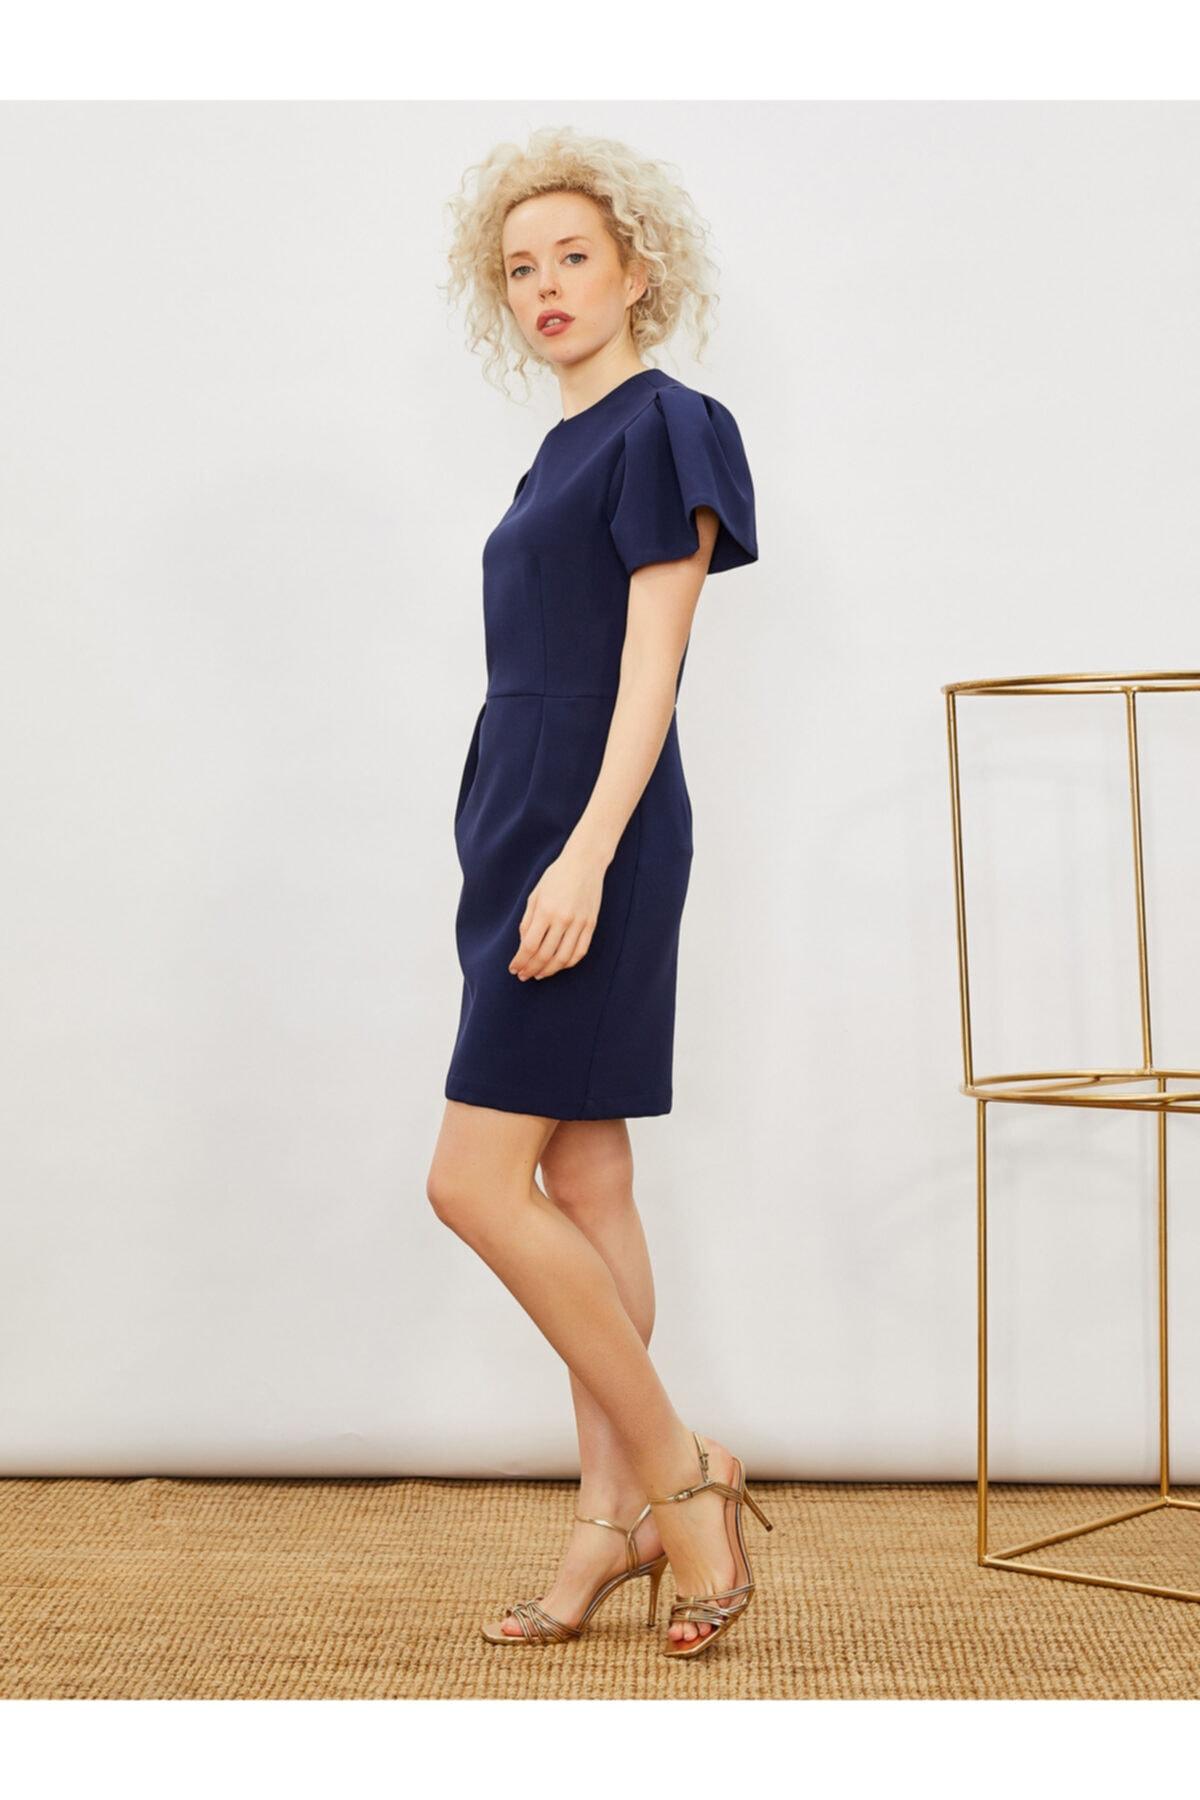 Vekem Kadın Lacivert Balon Kol Pili Detaylı Elbise 1